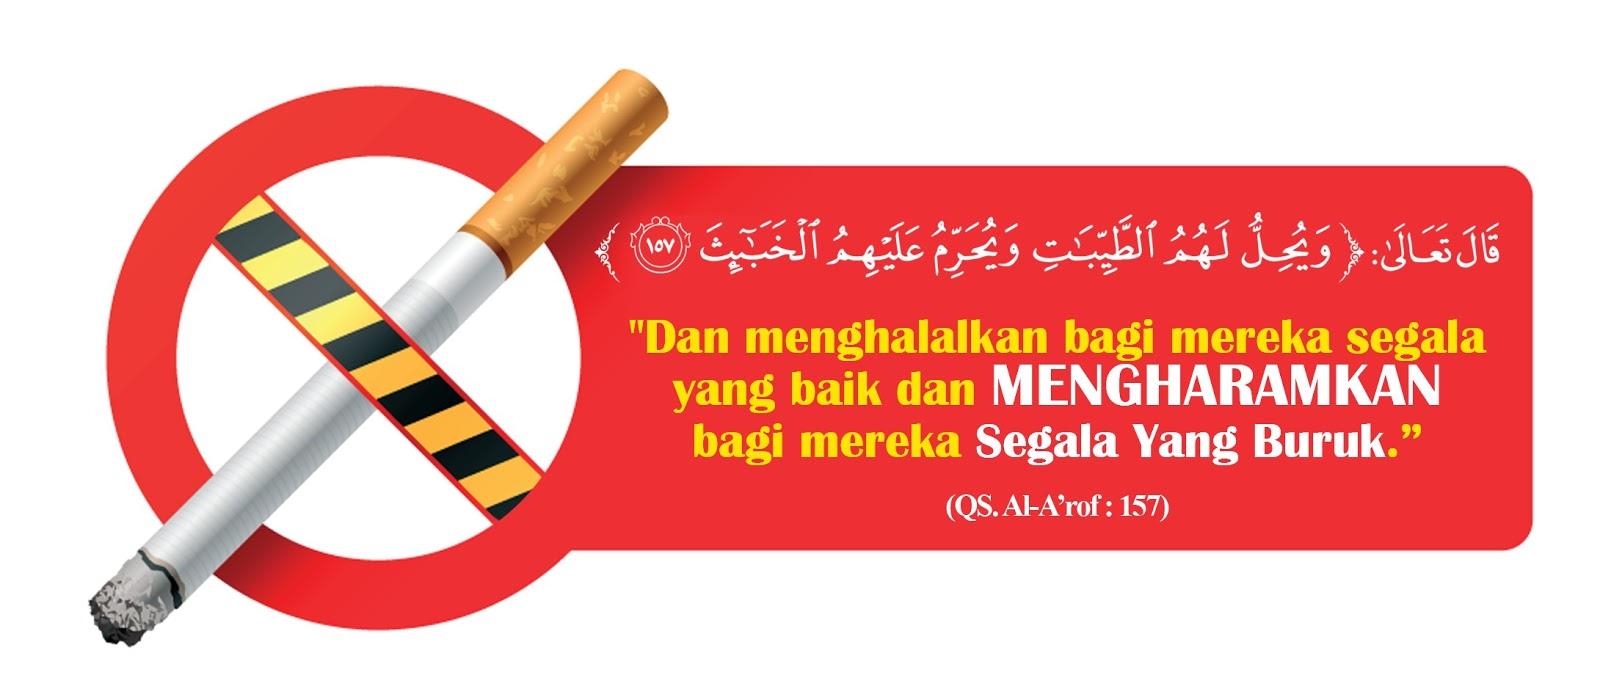 rokok haram 1